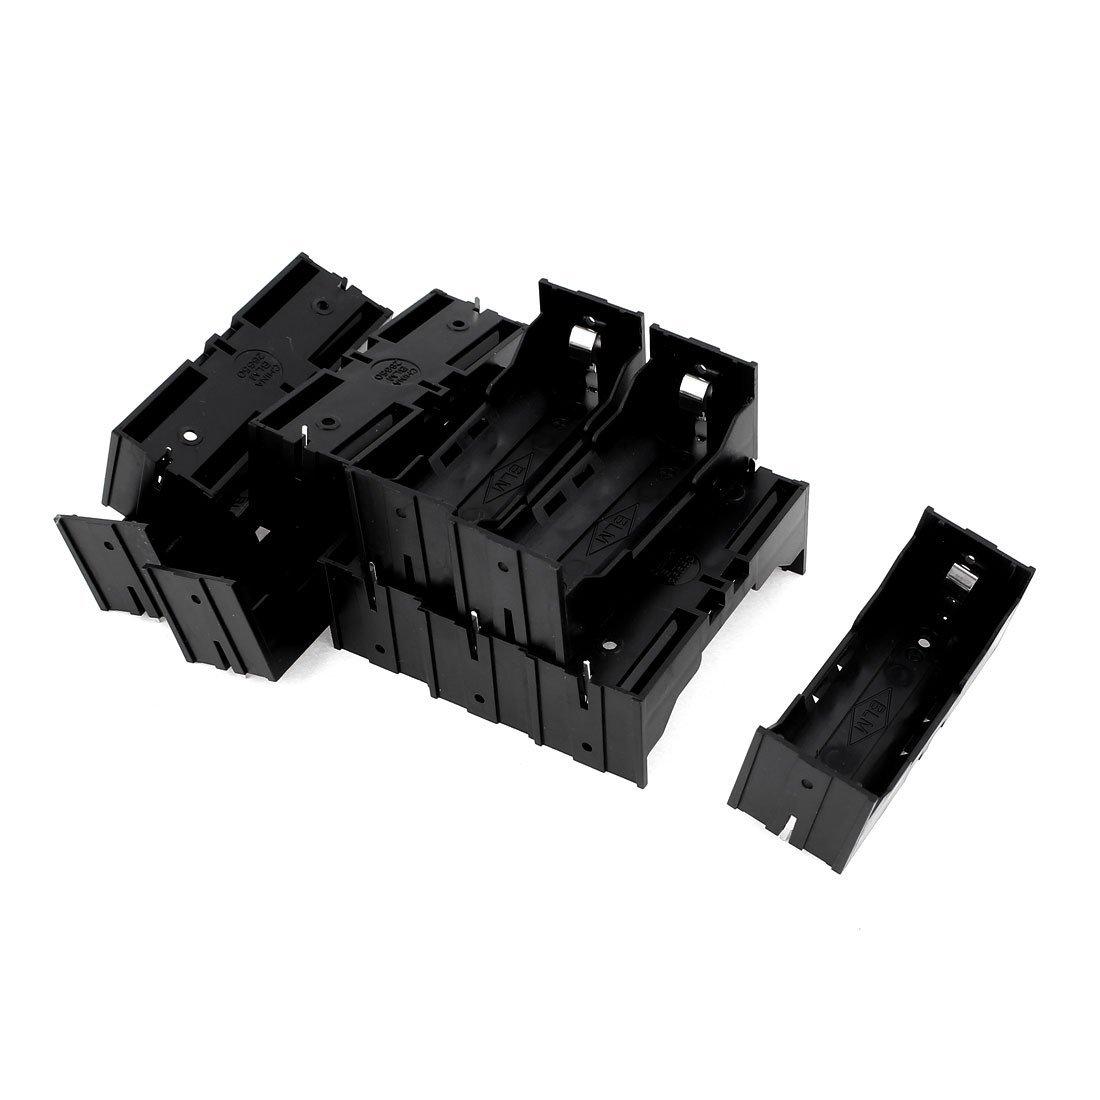 EDT-En Plastique Unique 26650 Batterie Titulaire Cas Boîte De Rangement 10 Pcs Noir